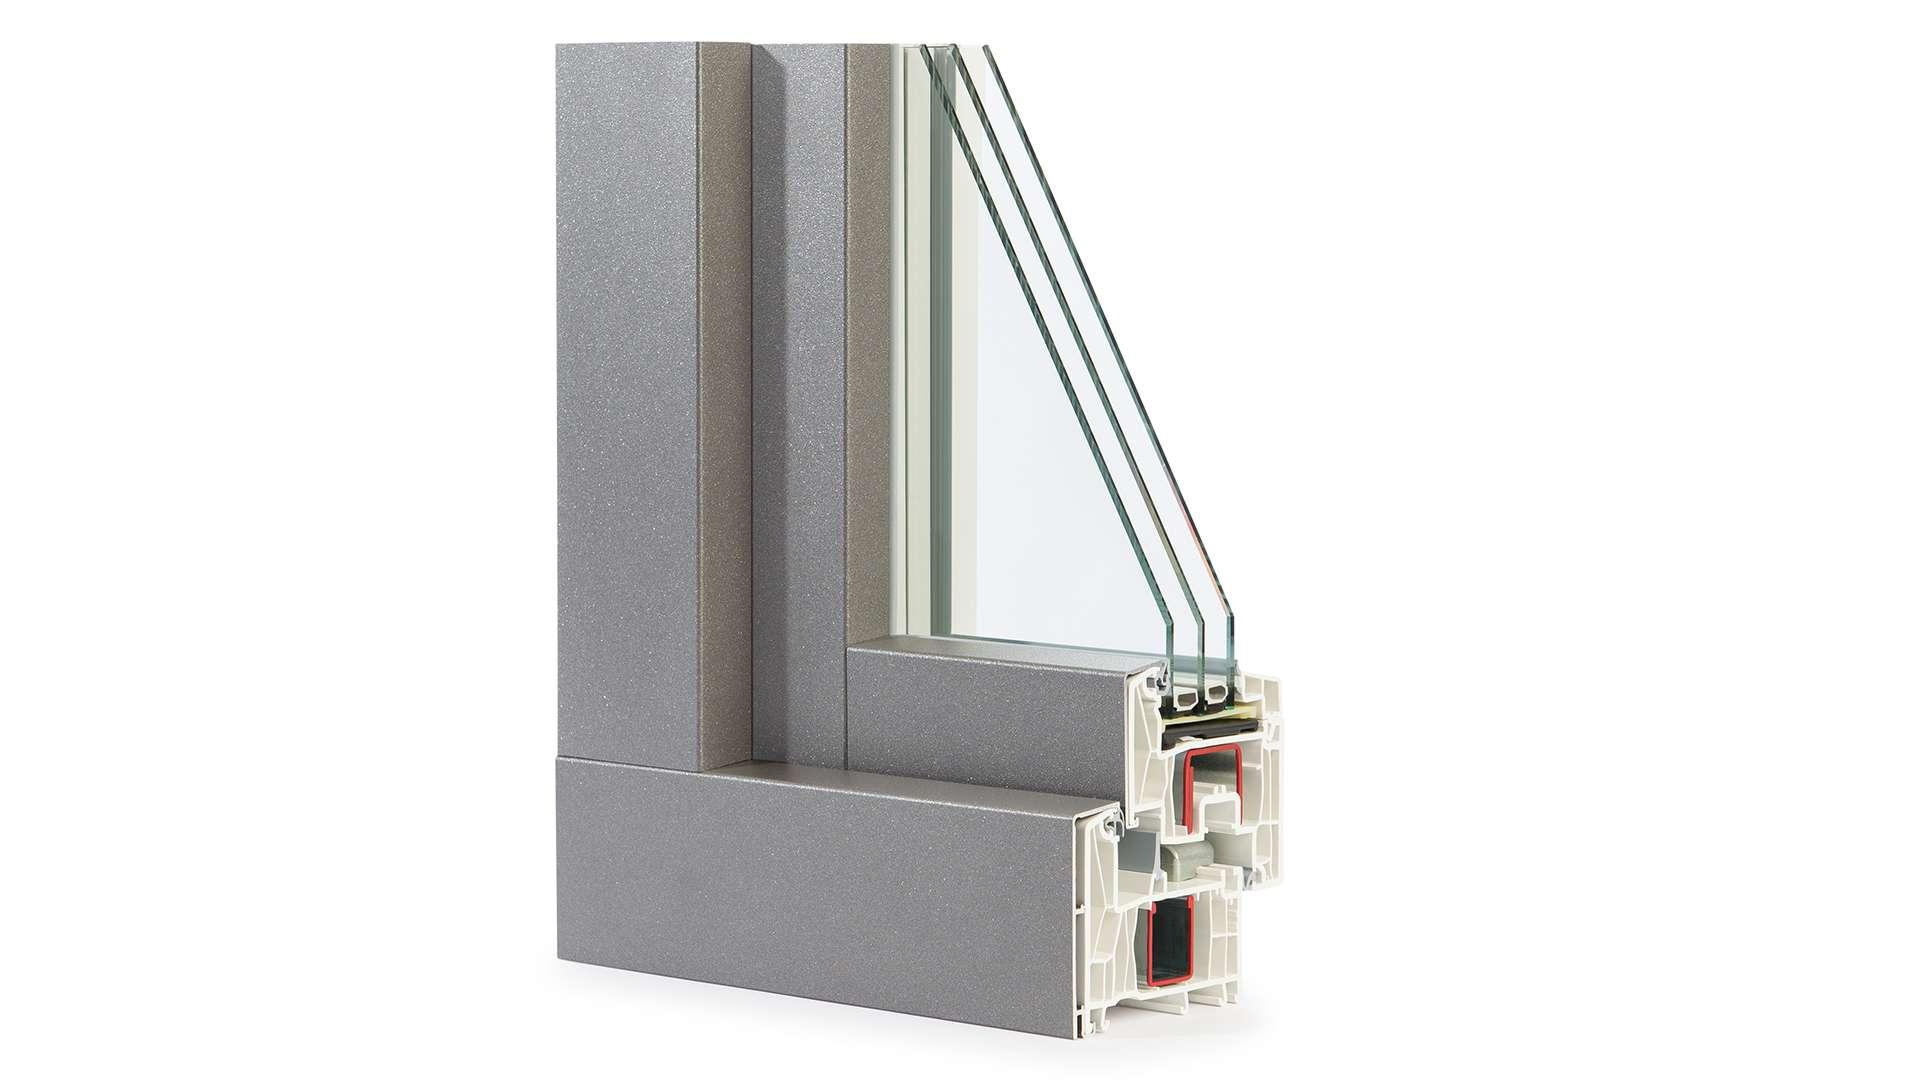 Fenster bauen & montieren in Berlin & Potsdam - Dürbusch